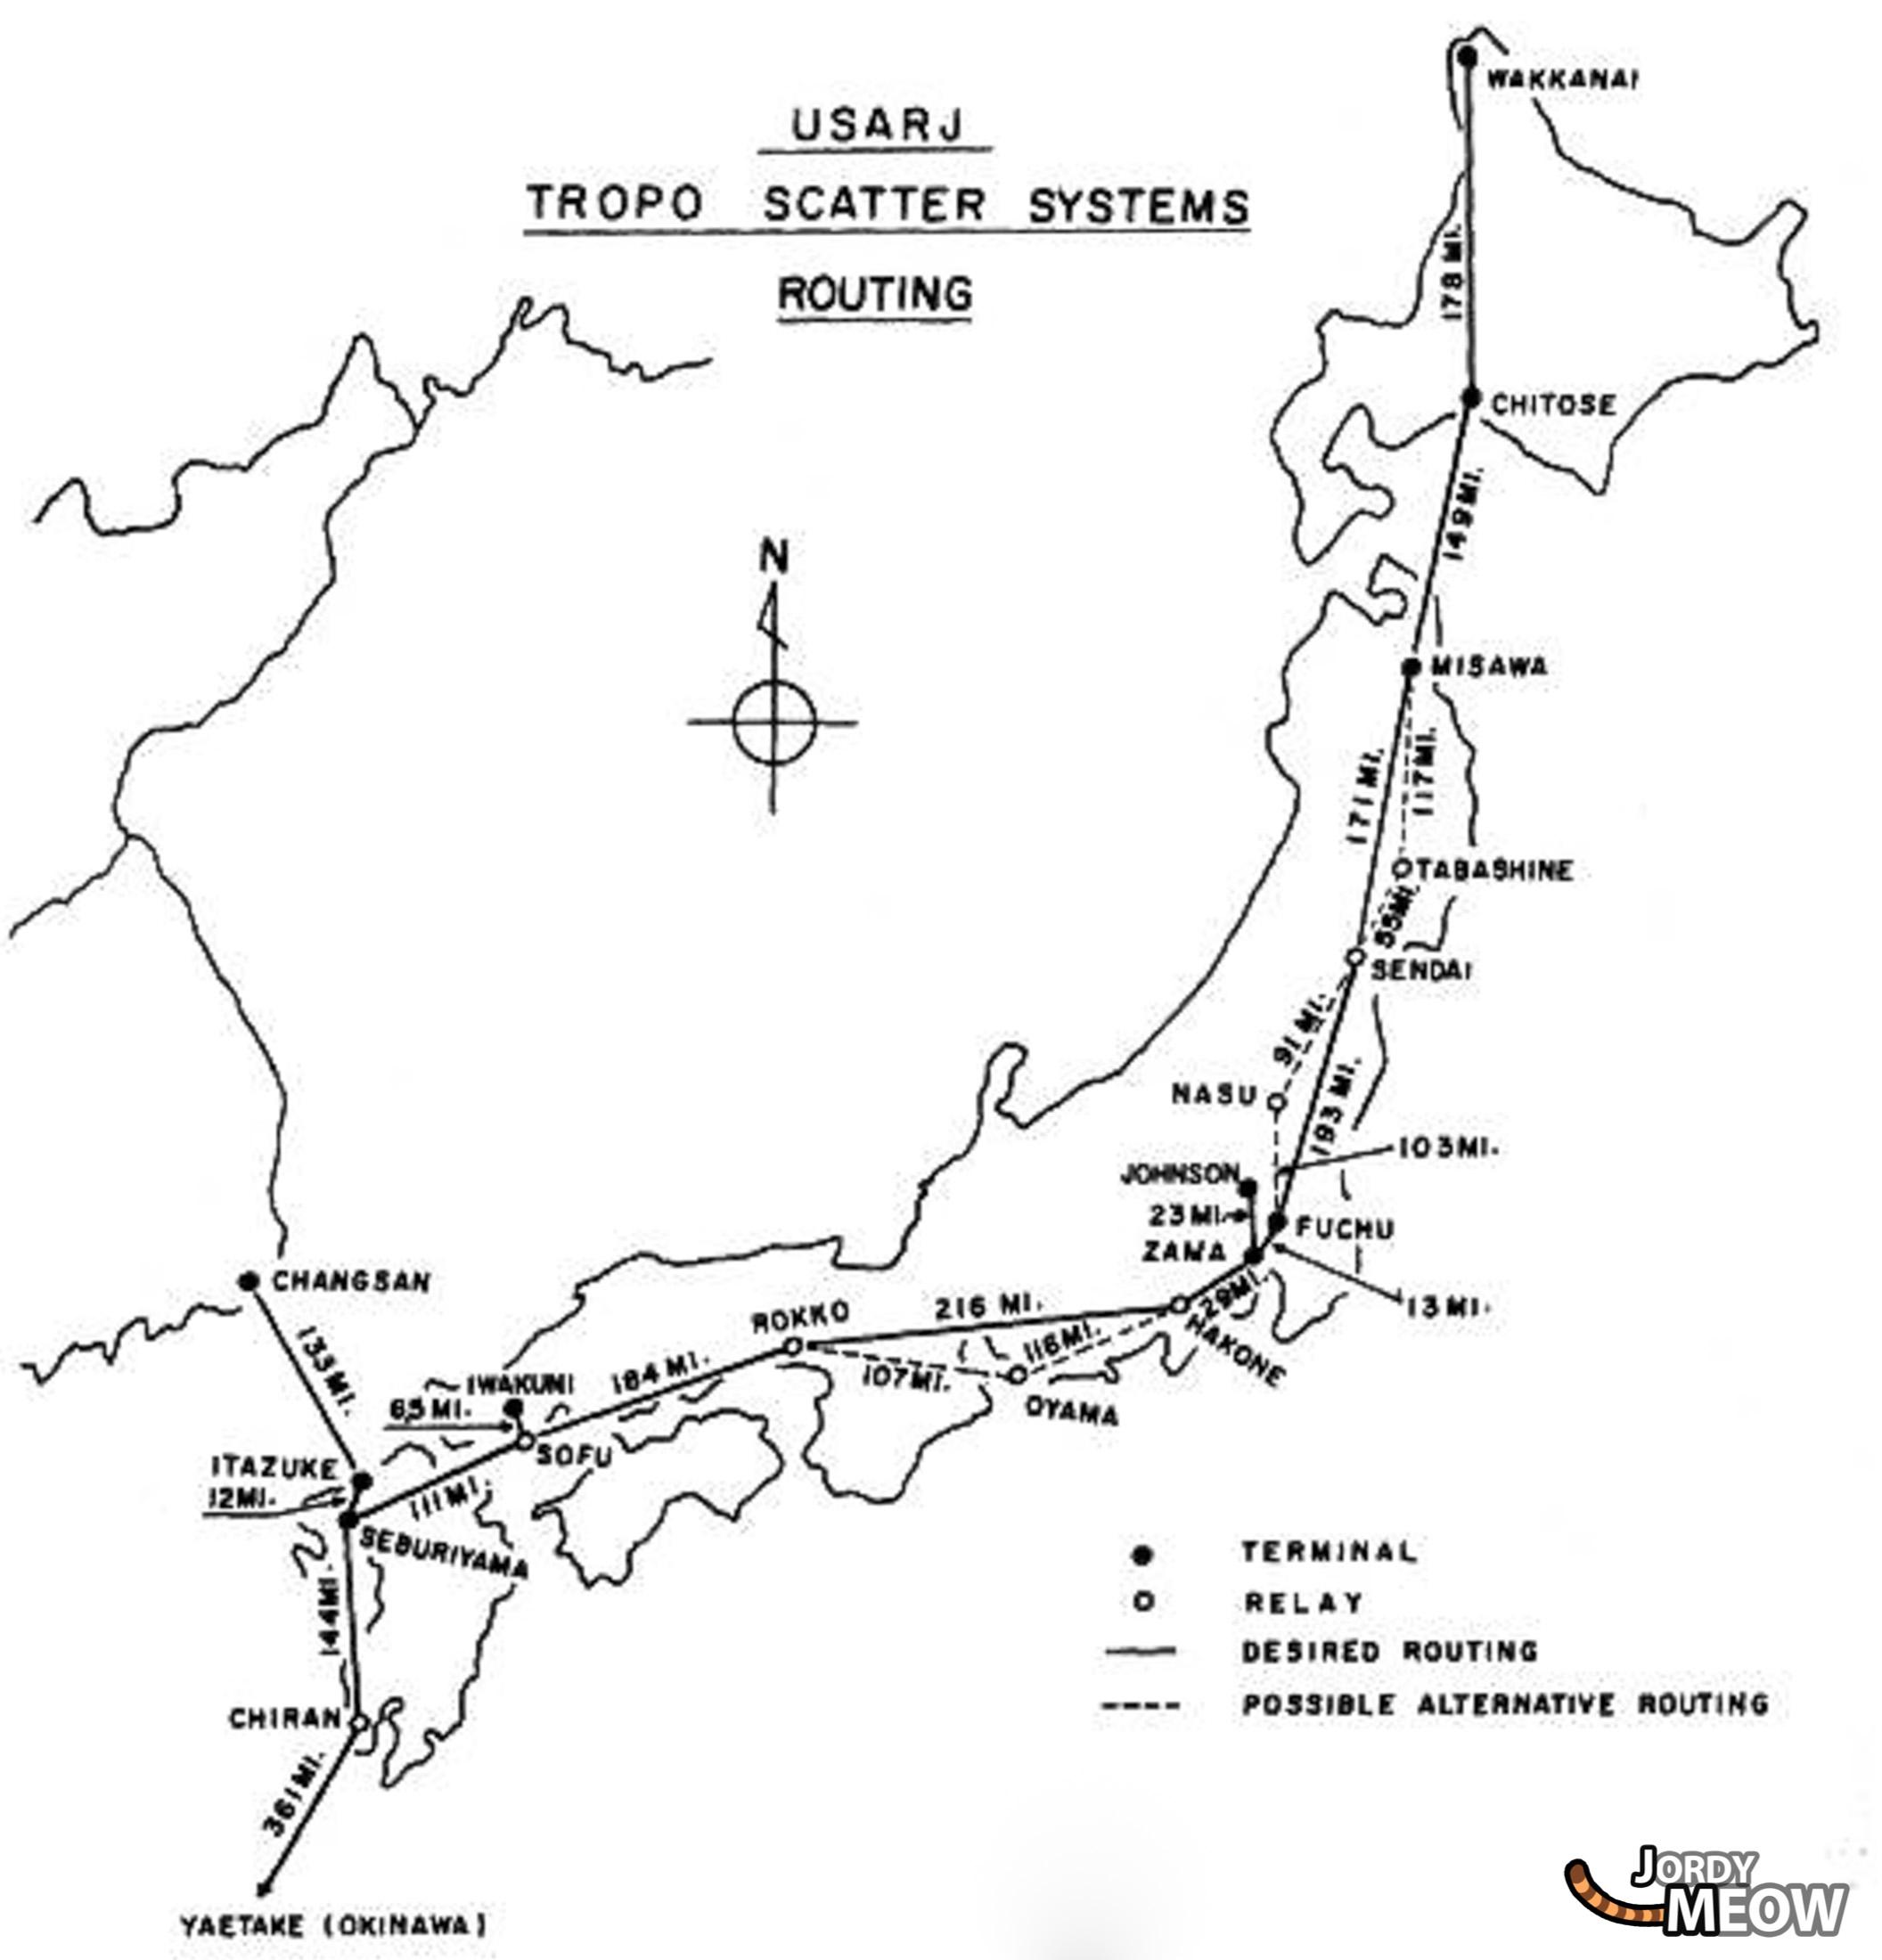 Japan Tropo Scatter System